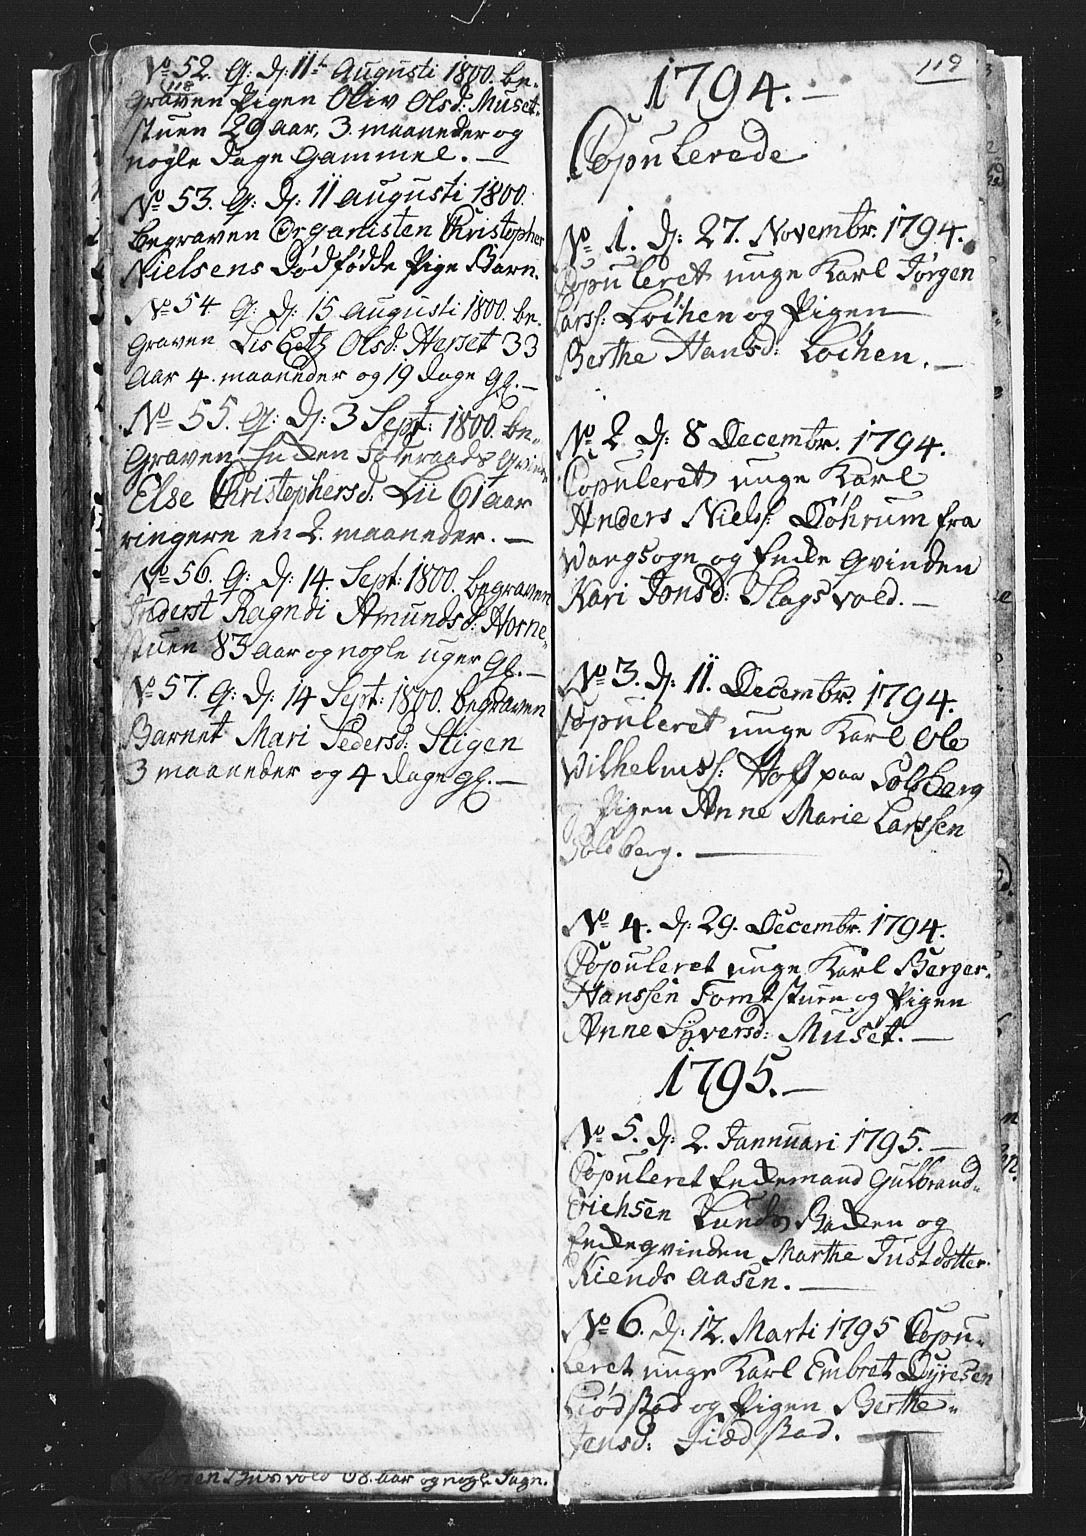 SAH, Romedal prestekontor, L/L0002: Klokkerbok nr. 2, 1795-1800, s. 118-119